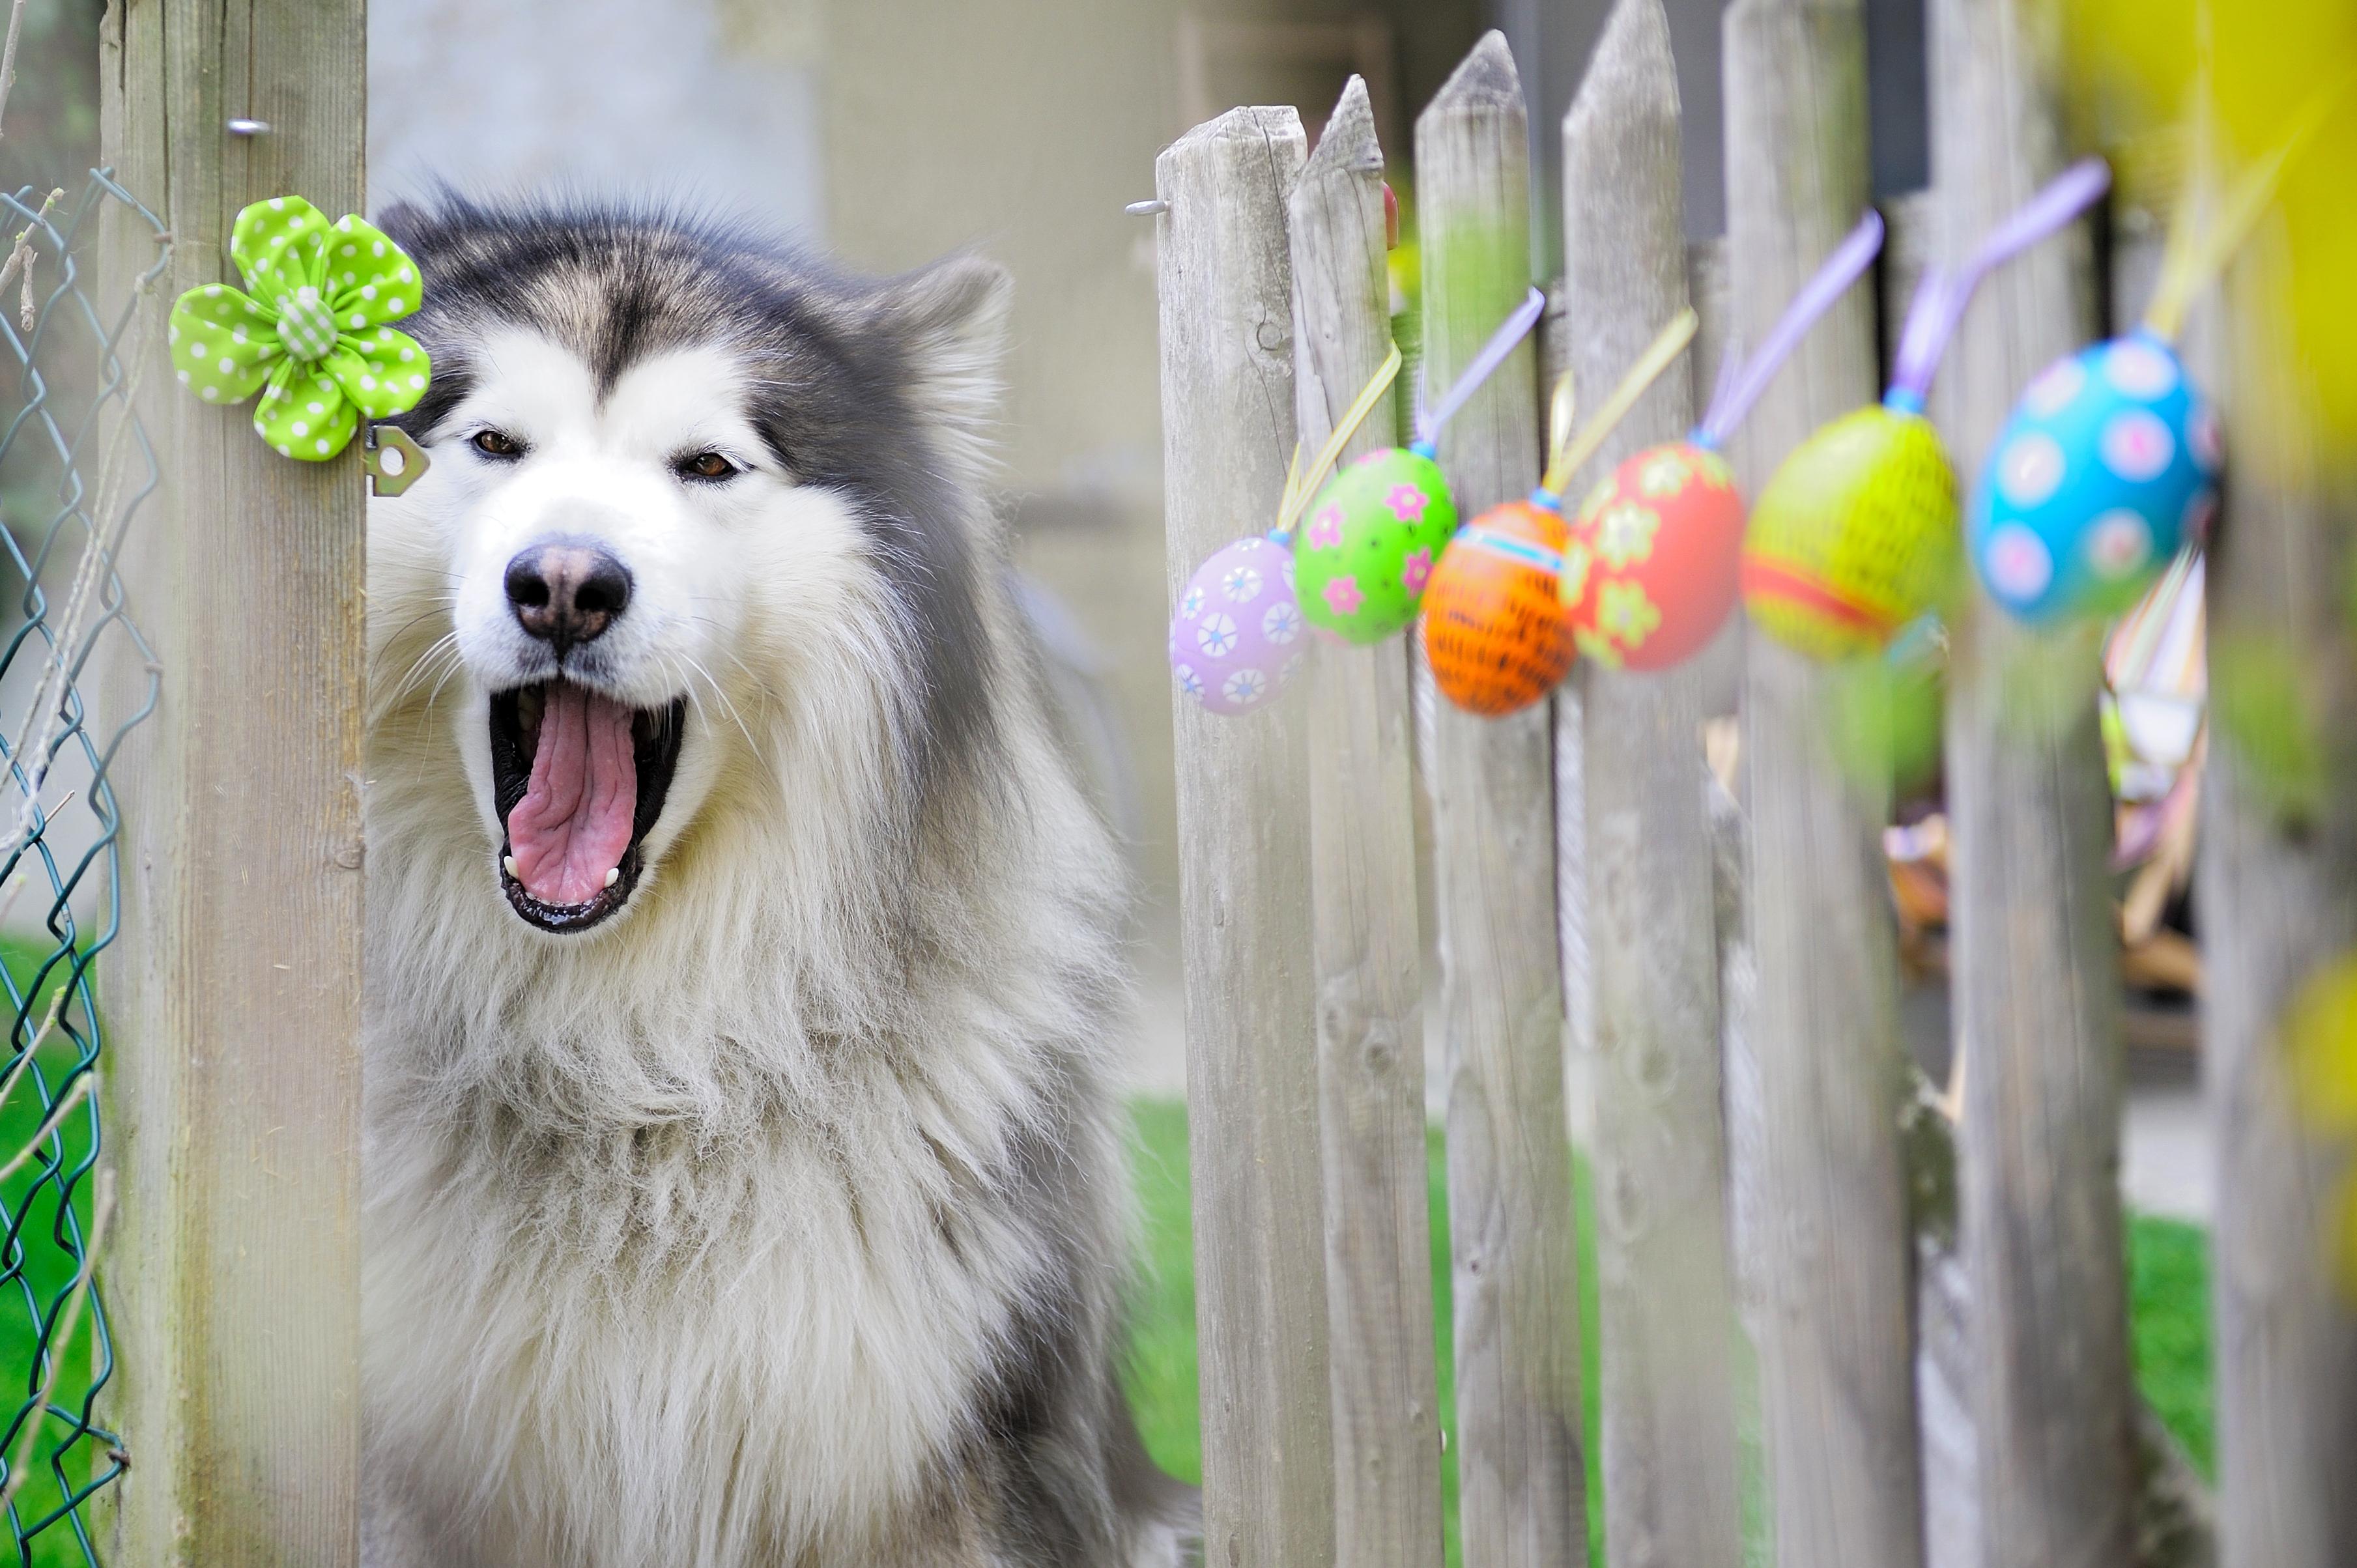 En extra promenad till påsk ger bättre hälsa än människogodis. Särskilt choklad kan vara livsfarligt för hunden.